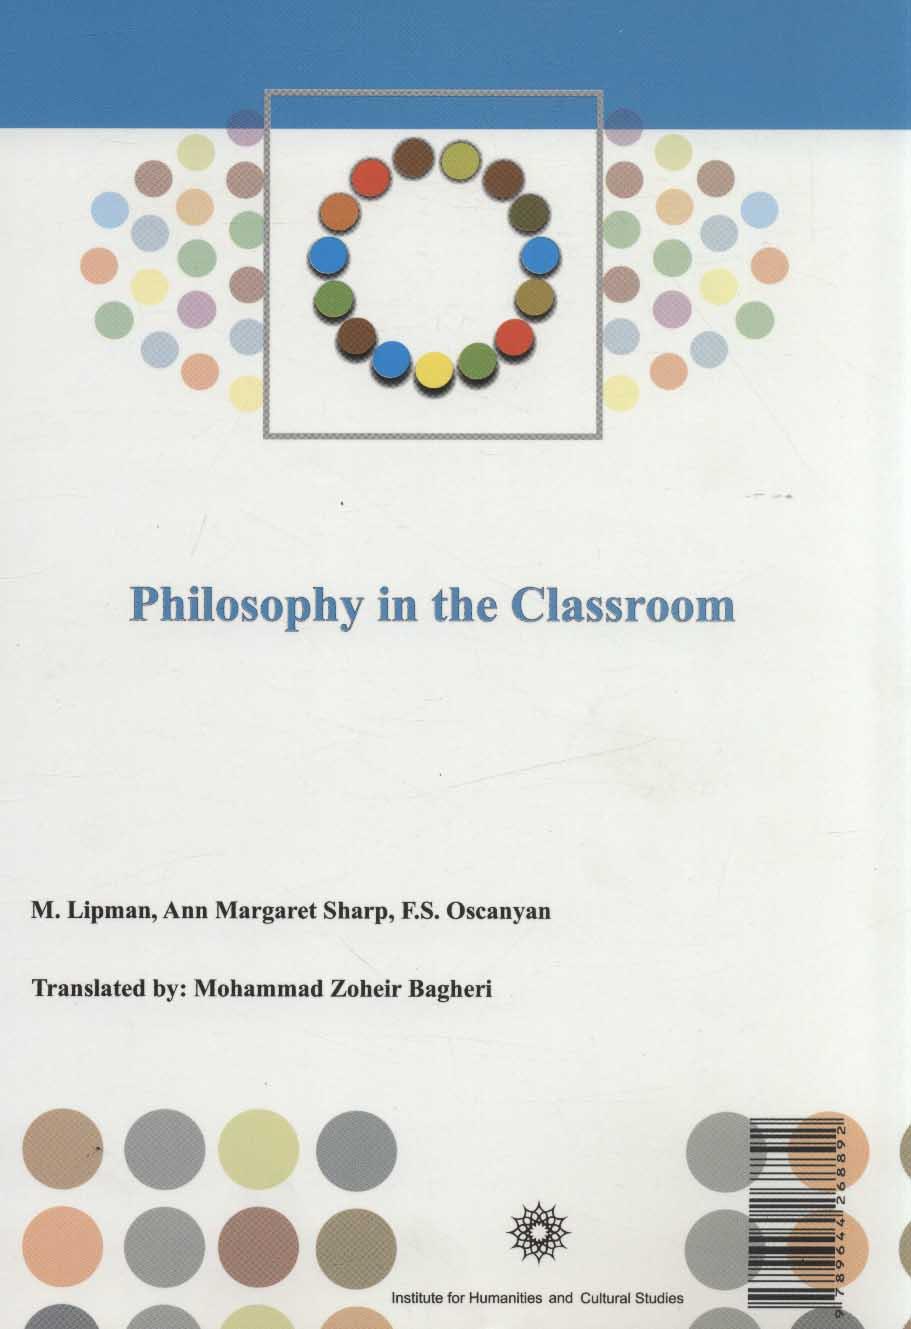 فلسفه در کلاس درس